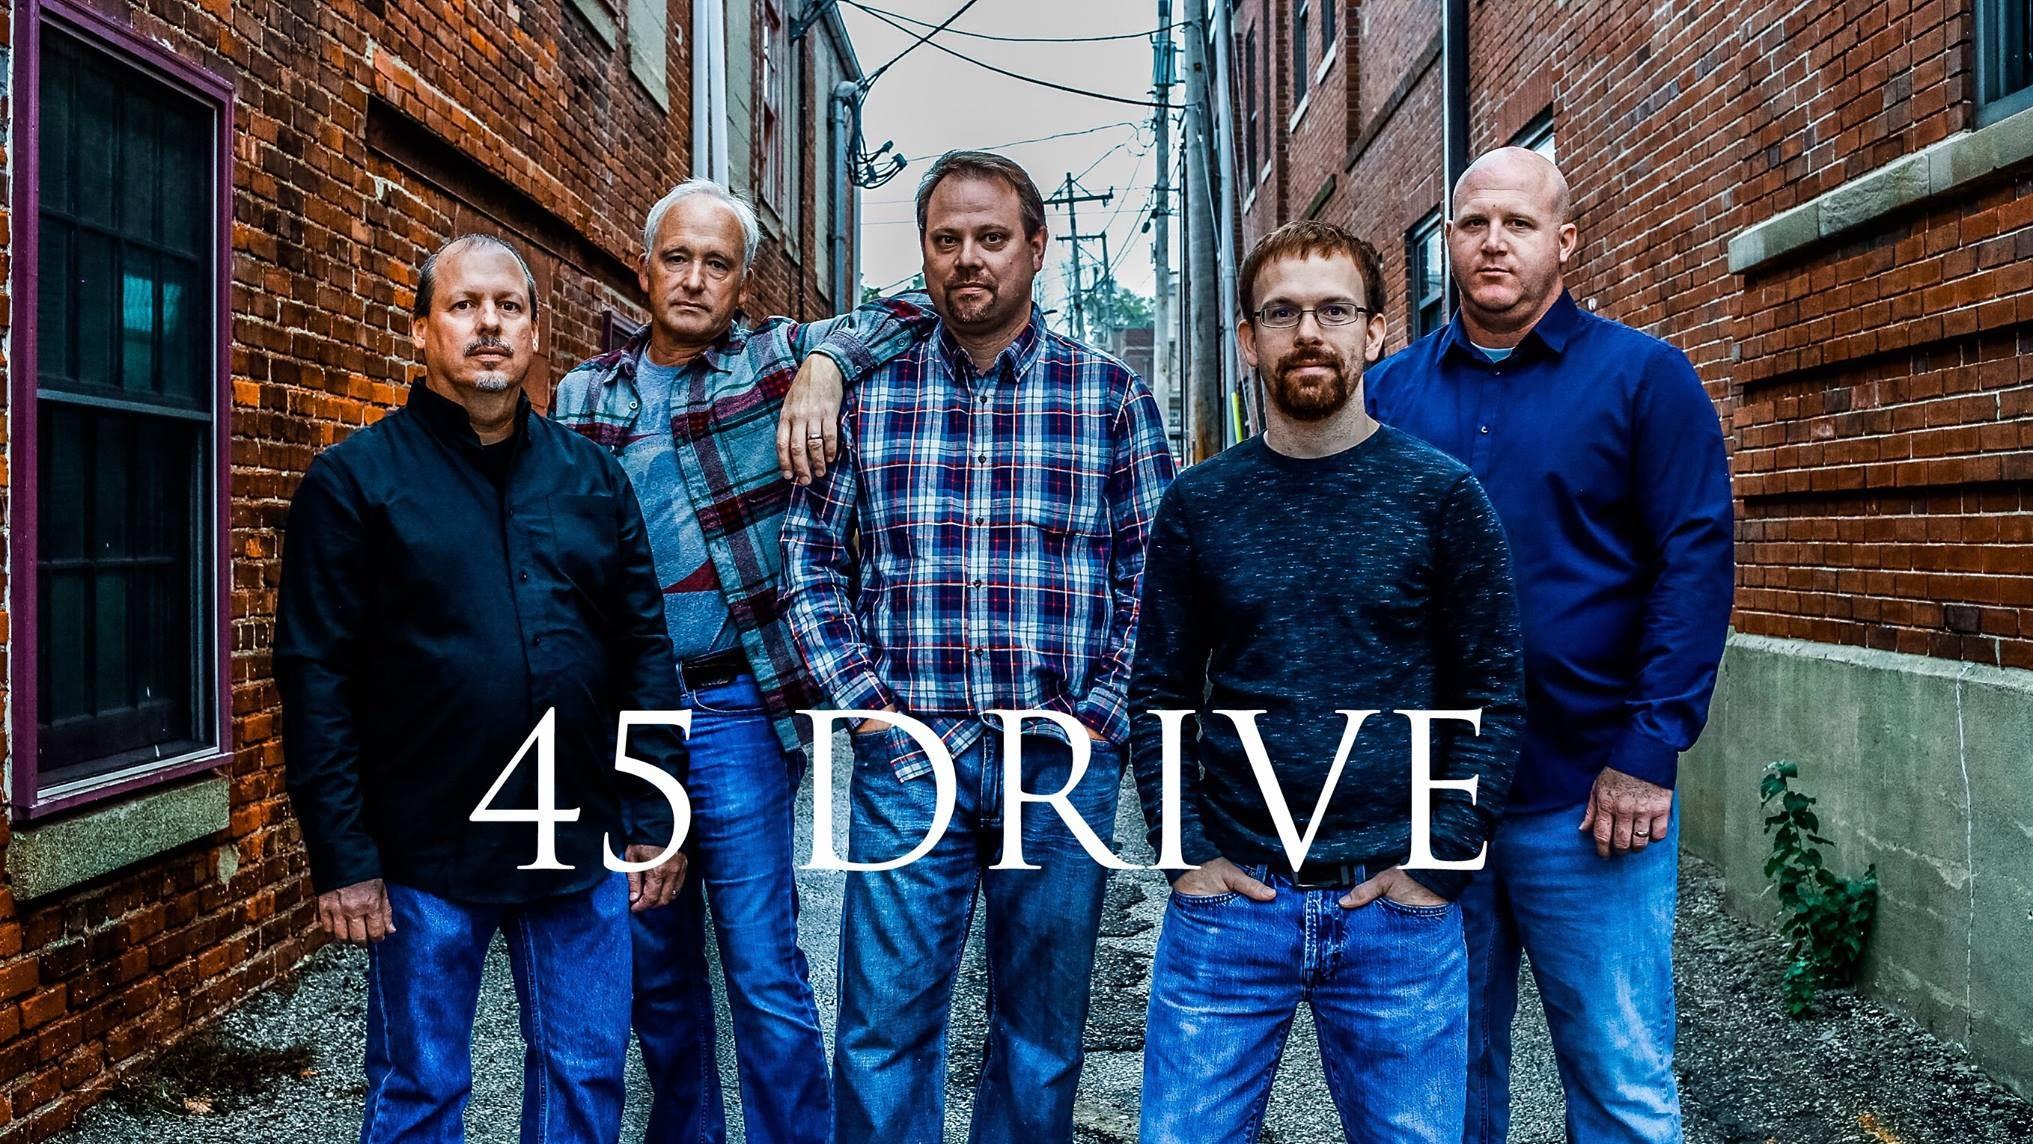 45 Drive, una banda de country y rock clásico con sede en Bloomington, es la primera banda que se presenta el sábado en el evento B-Down Hot Summer Nights.